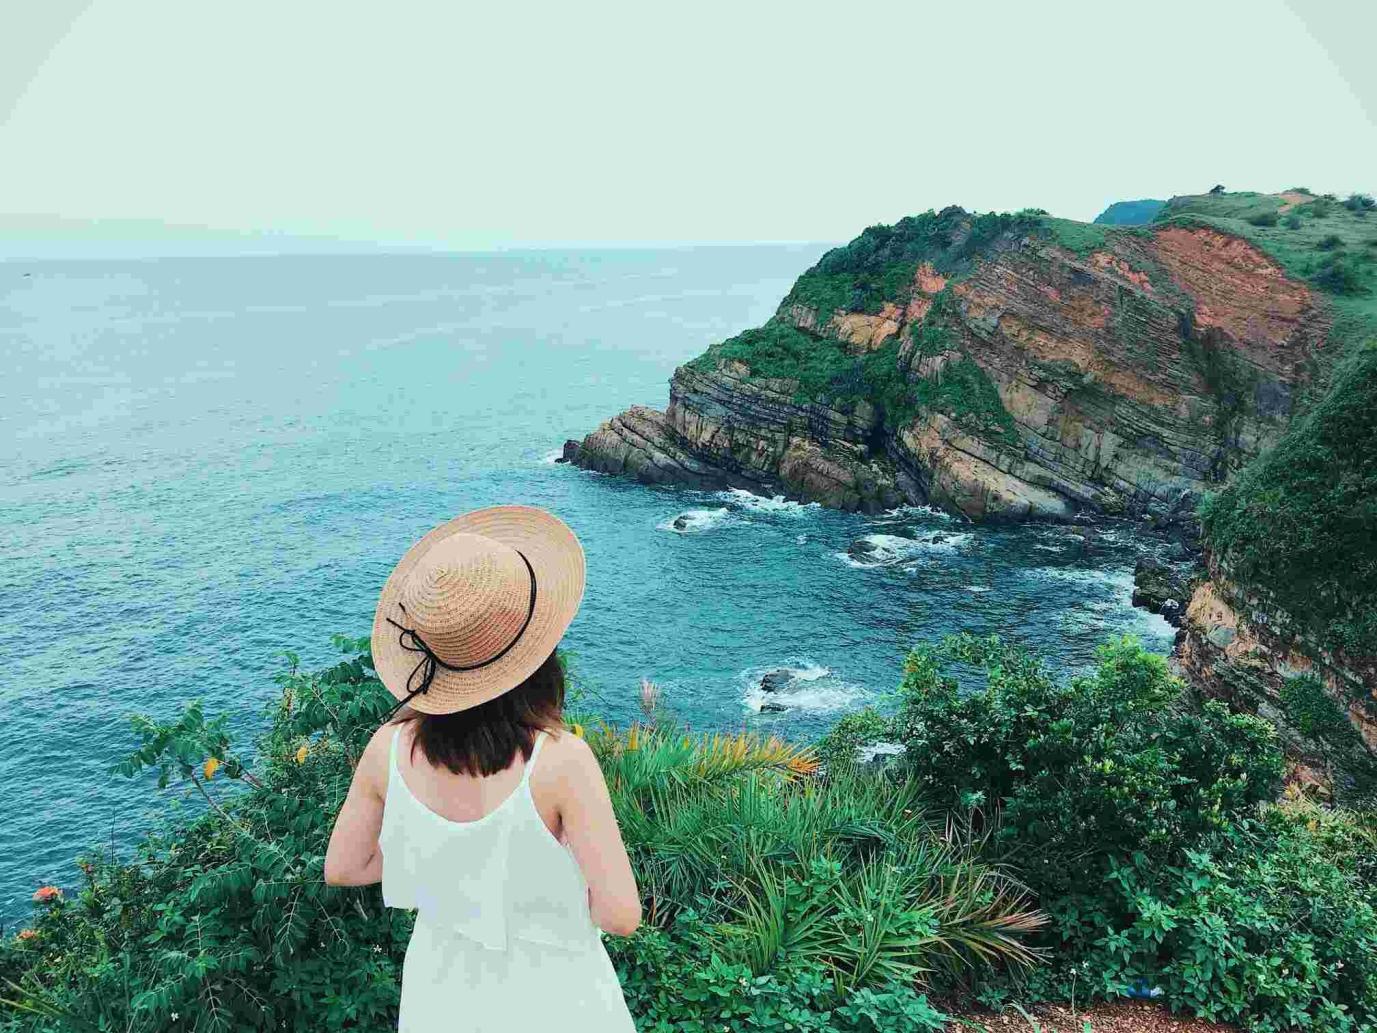 Đảo Cô tô chinh phục khách du lịch bởi vẻ đẹp hoang sơ cùng như bãi biển đẹp